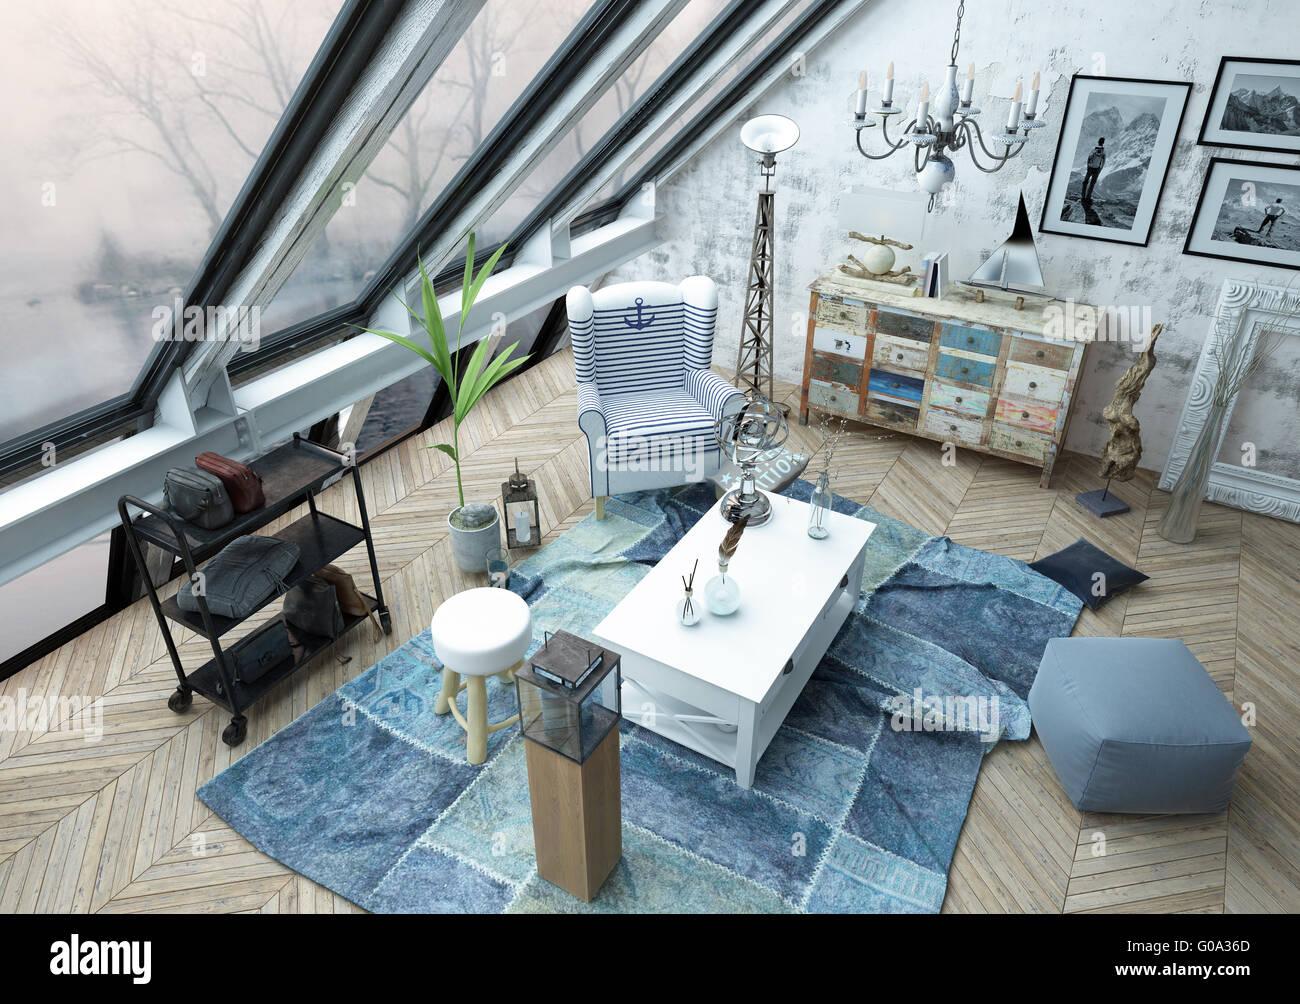 L Angle Interieur De L Architecture Haut Salon Moderne Avec